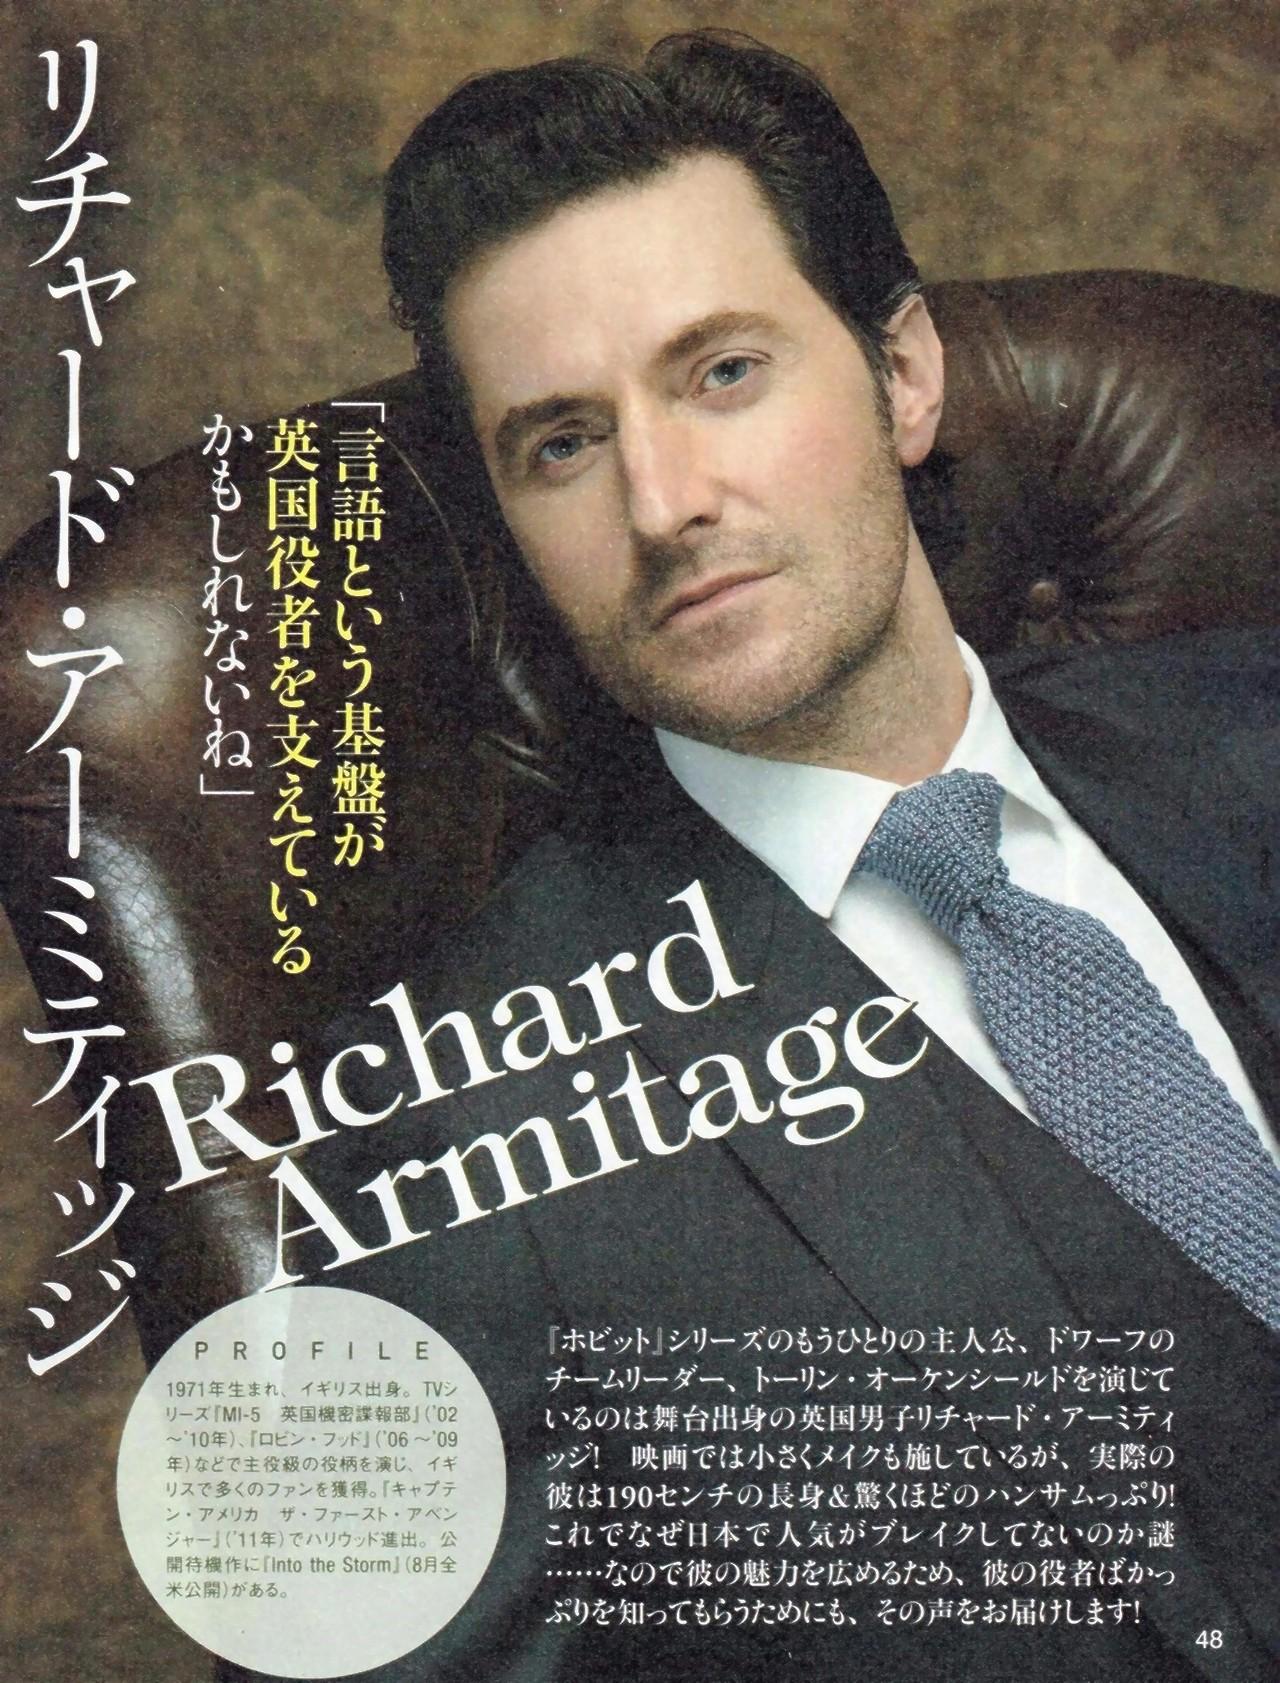 photography me richard armitage dunn armchair 2